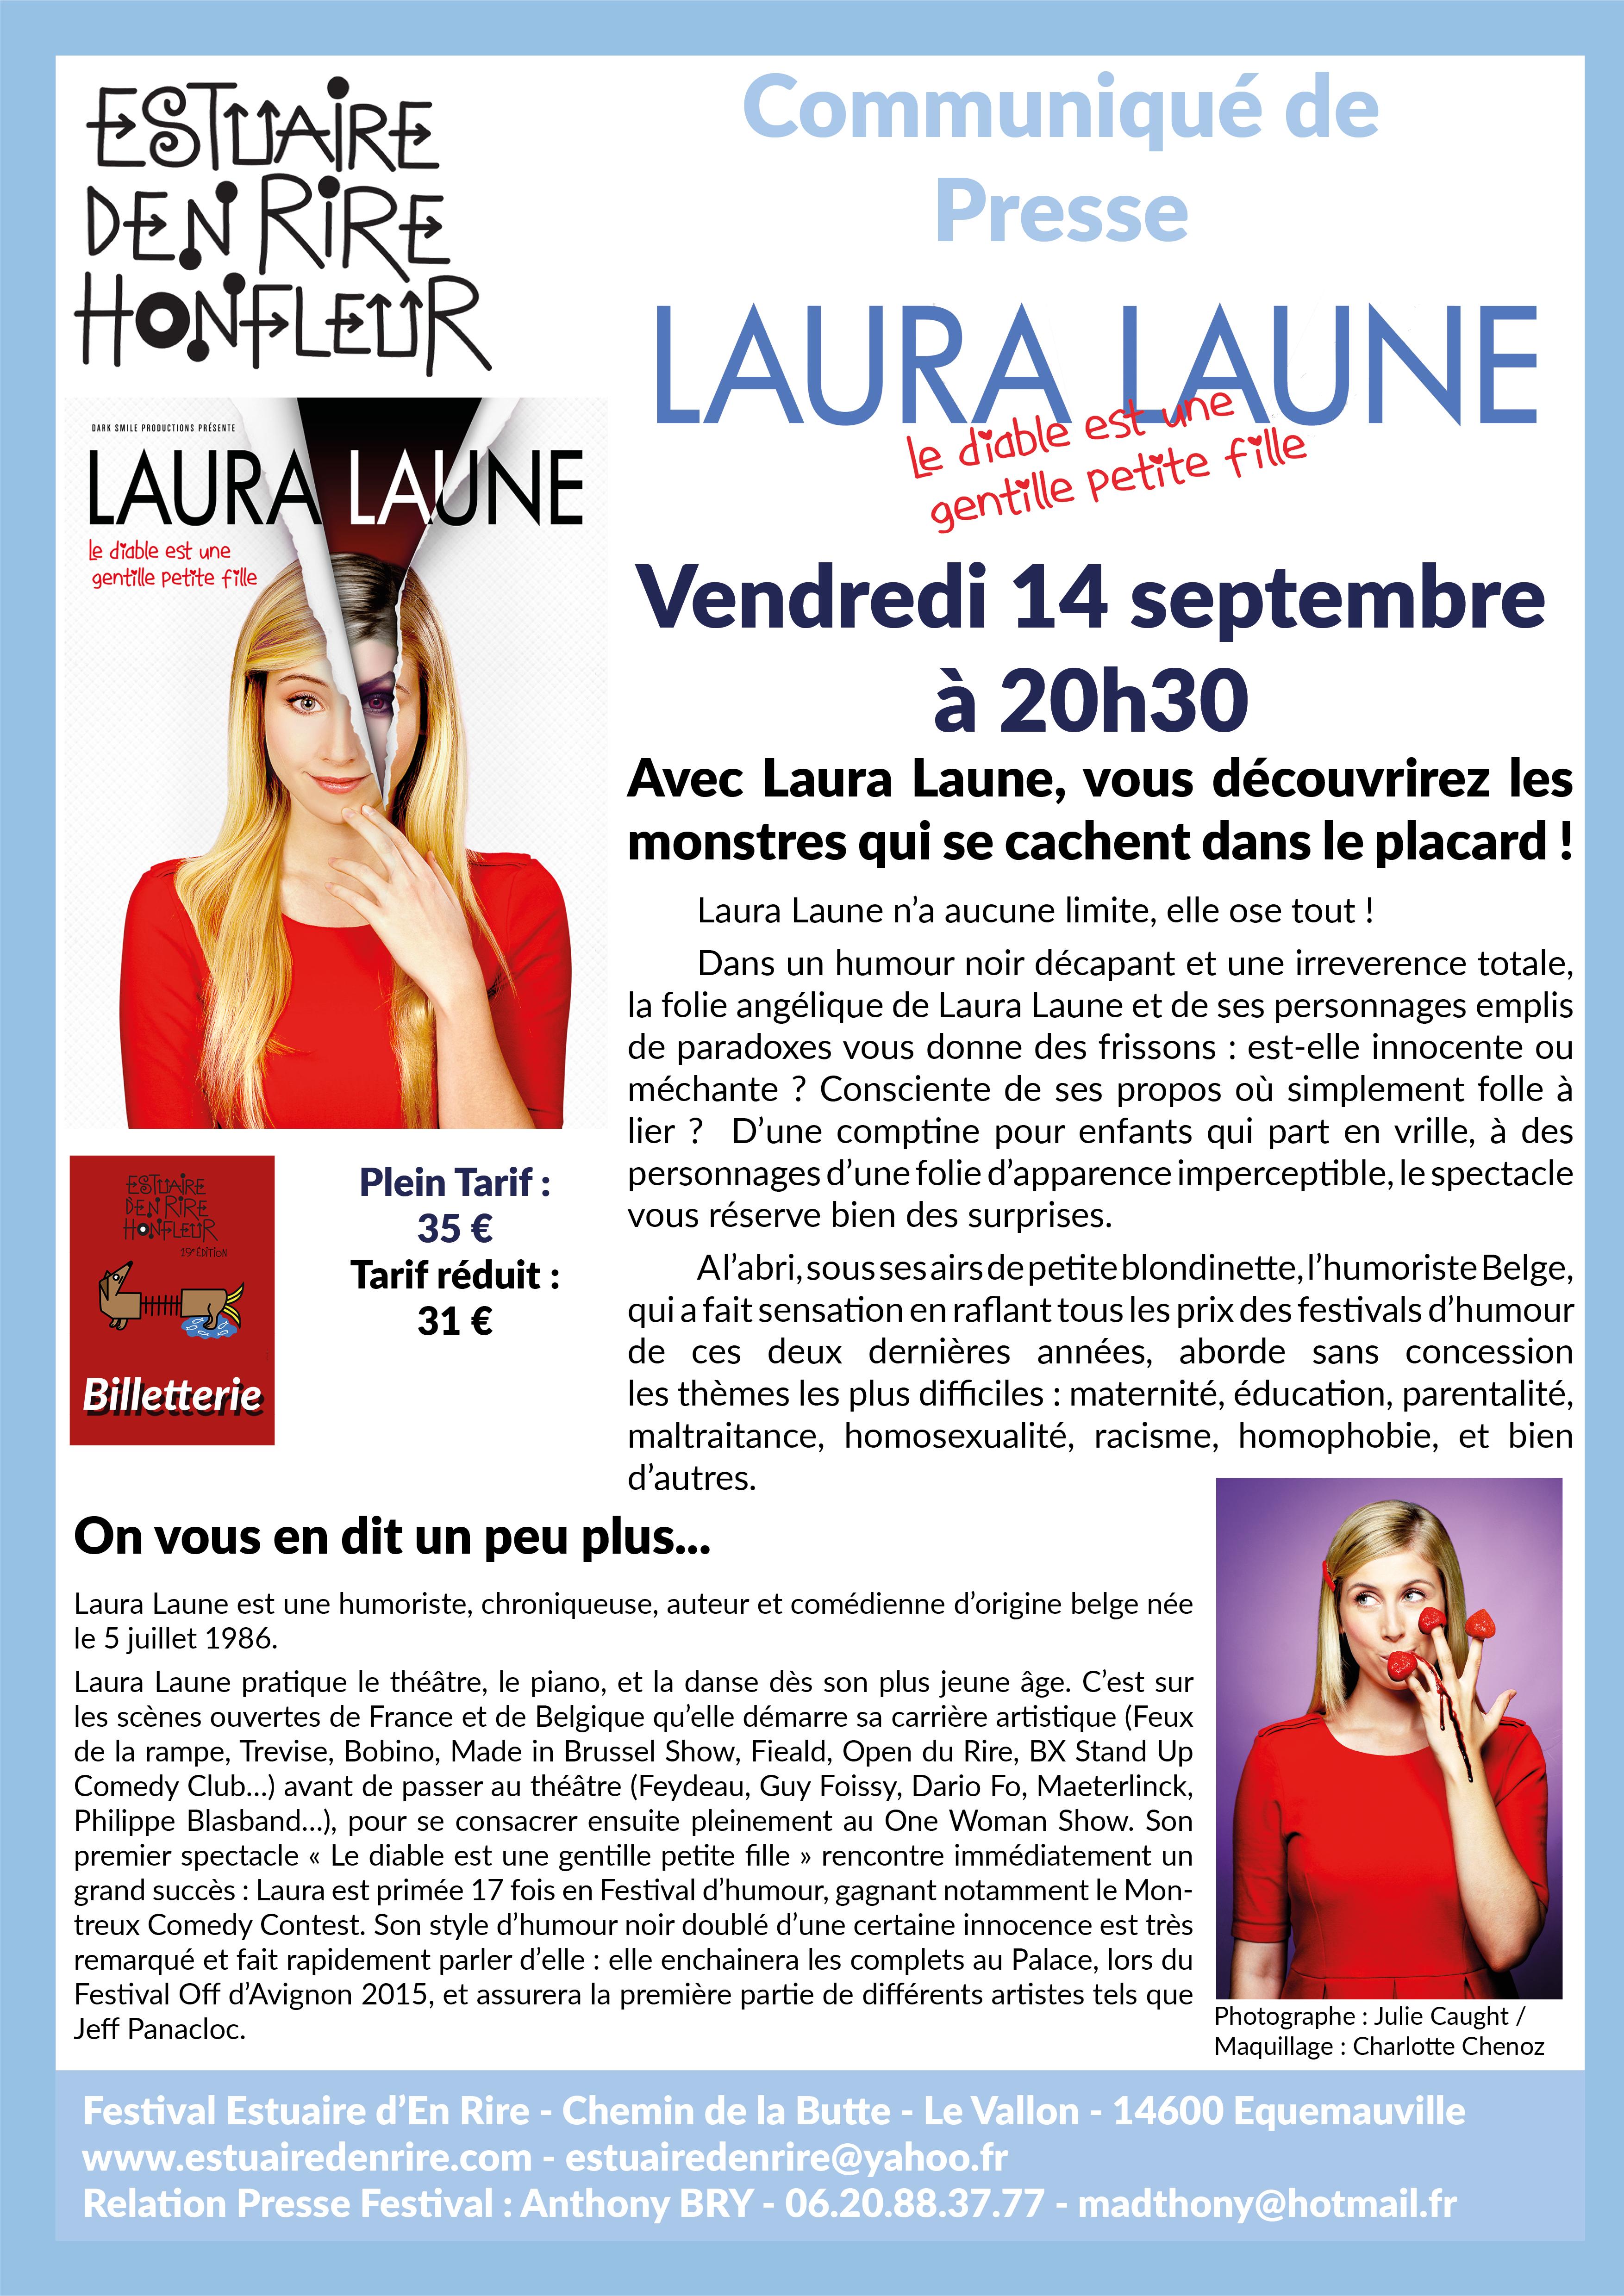 05_-_Communiqué_de_Presse_-_Laura_Laune